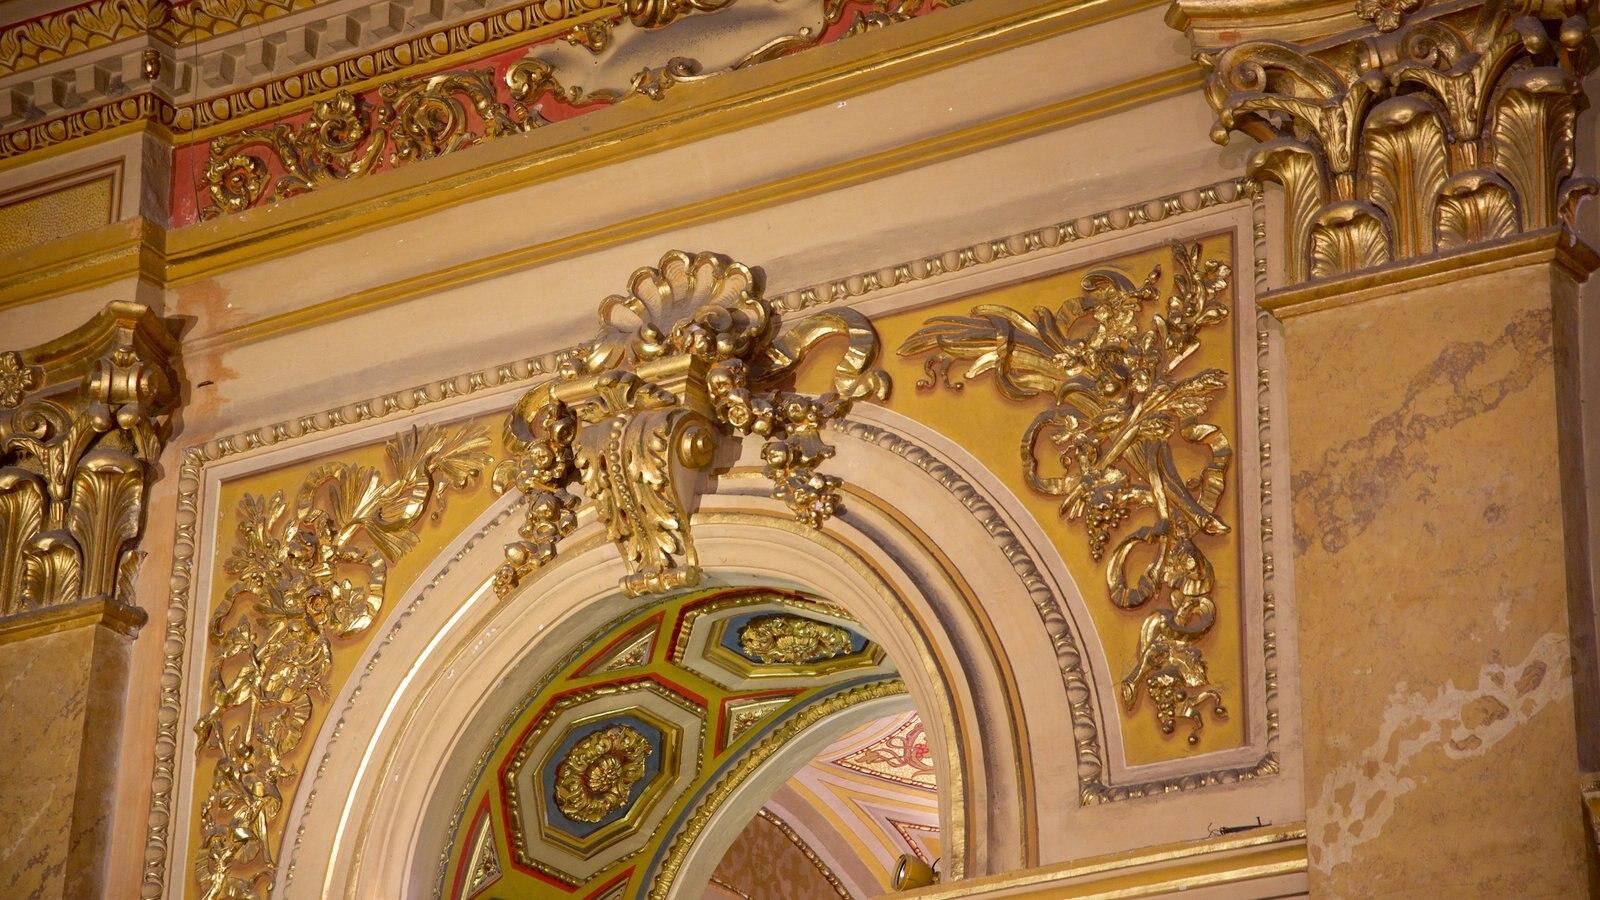 Catedral de Cordoba caracterizando uma igreja ou catedral, arquitetura de patrimônio e aspectos religiosos